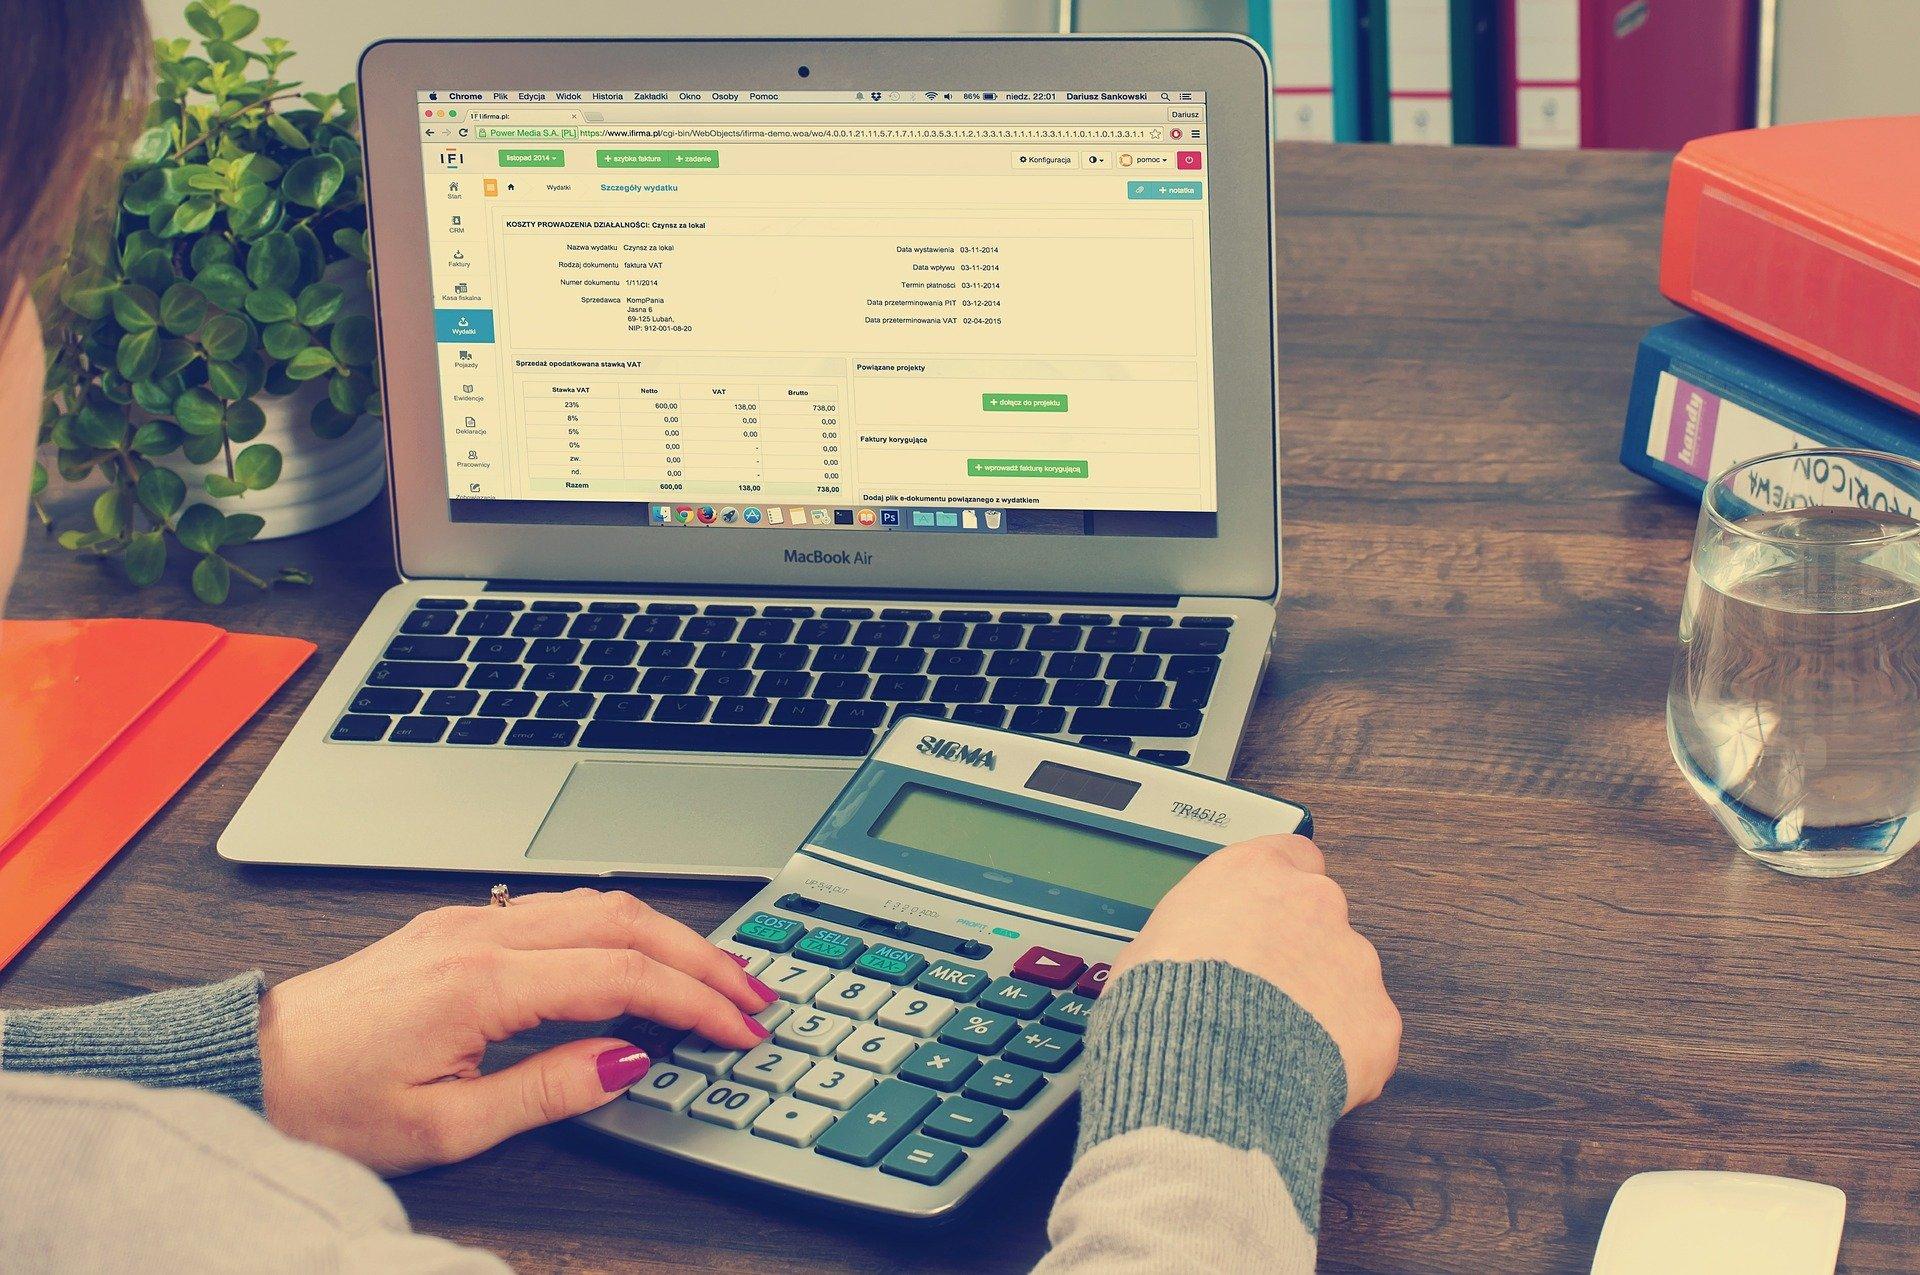 laptop Apple MacBook kalkulator